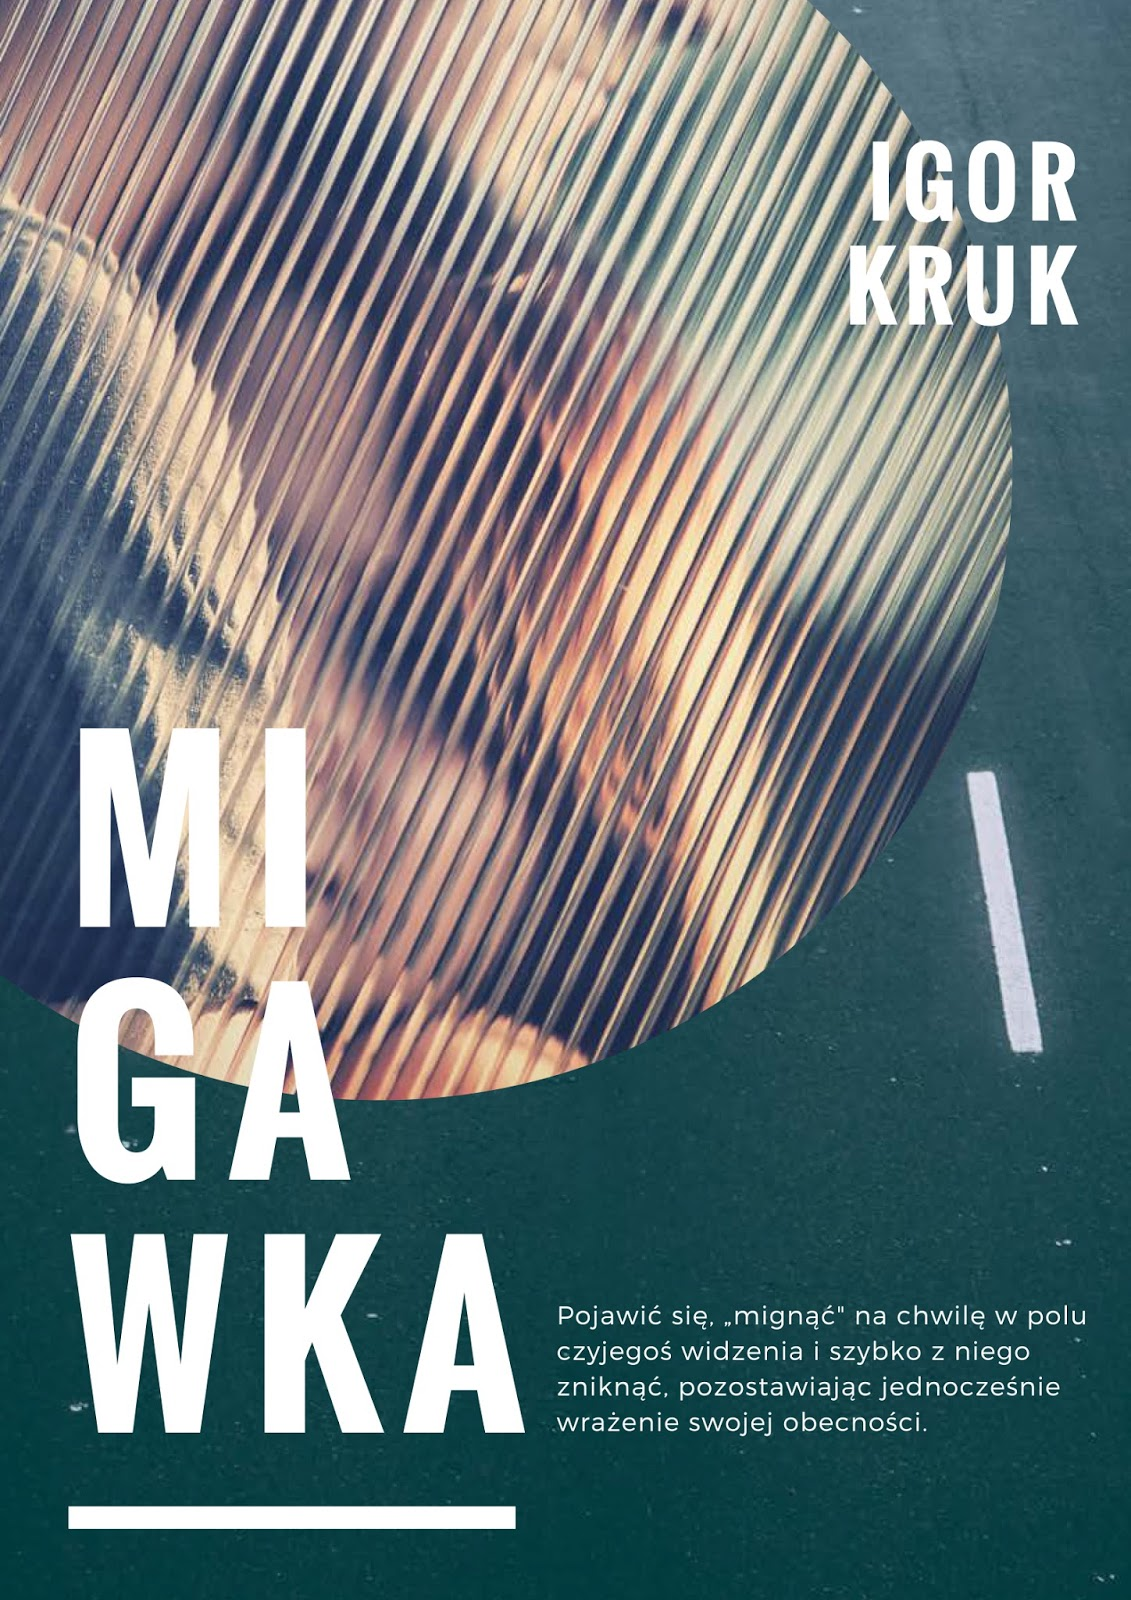 mig Igor Kruk- Migawka